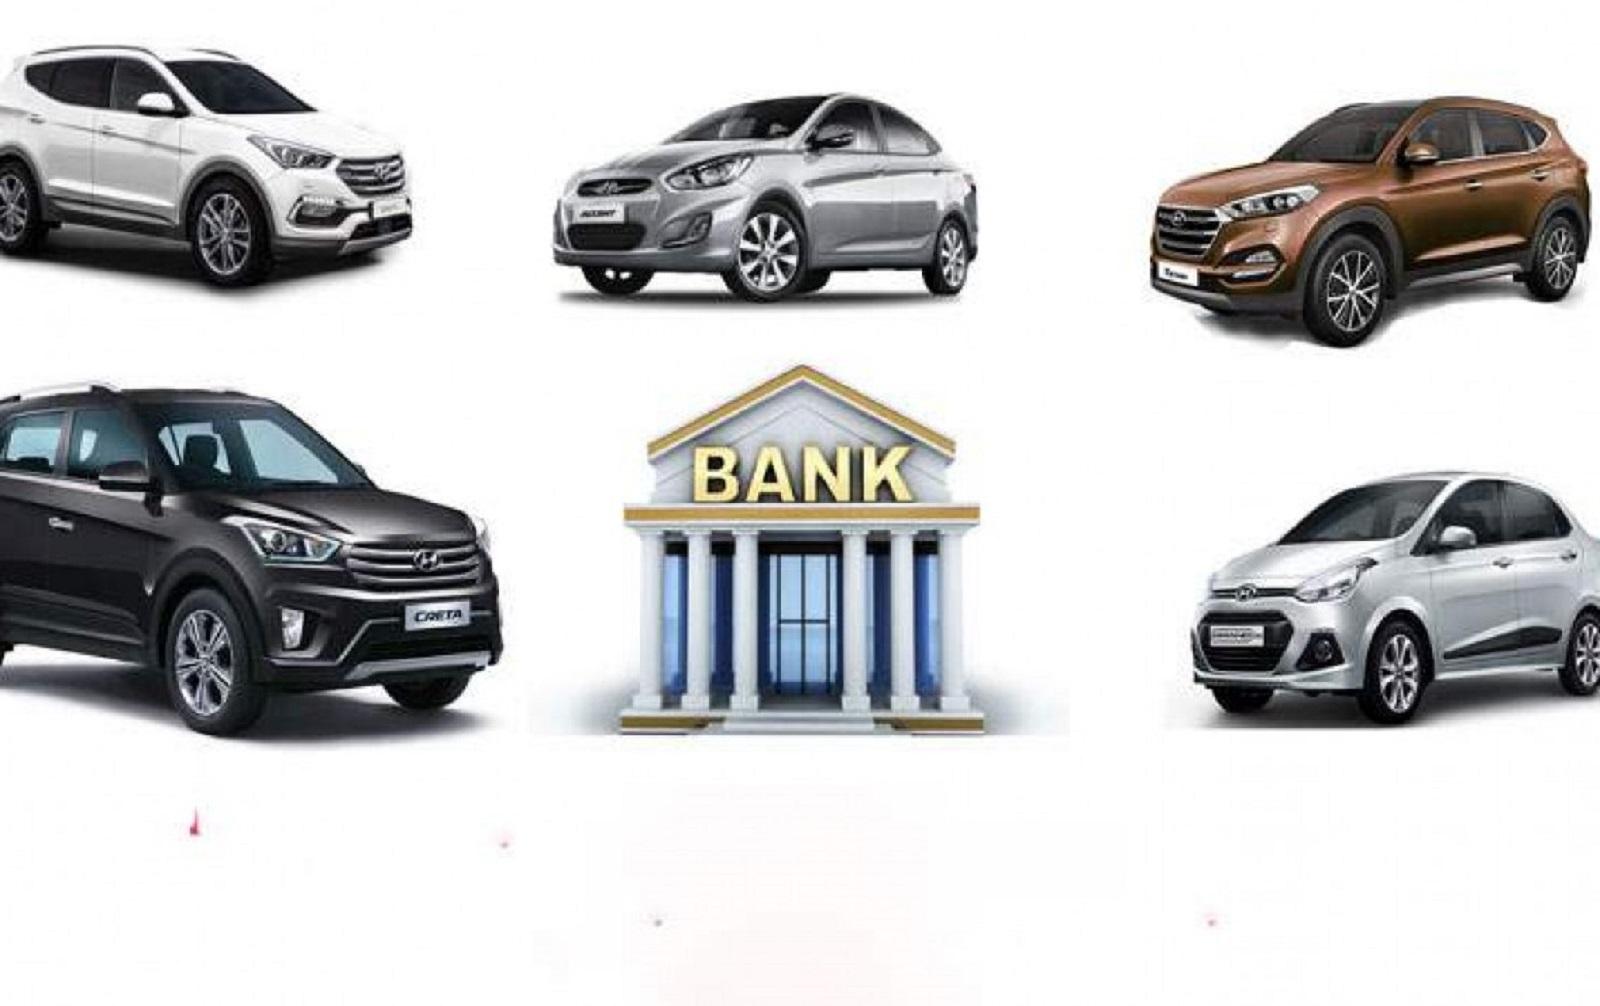 Mua xe ô tô dịp cuối năm cần lưu ý những điều gì? - Hình 1